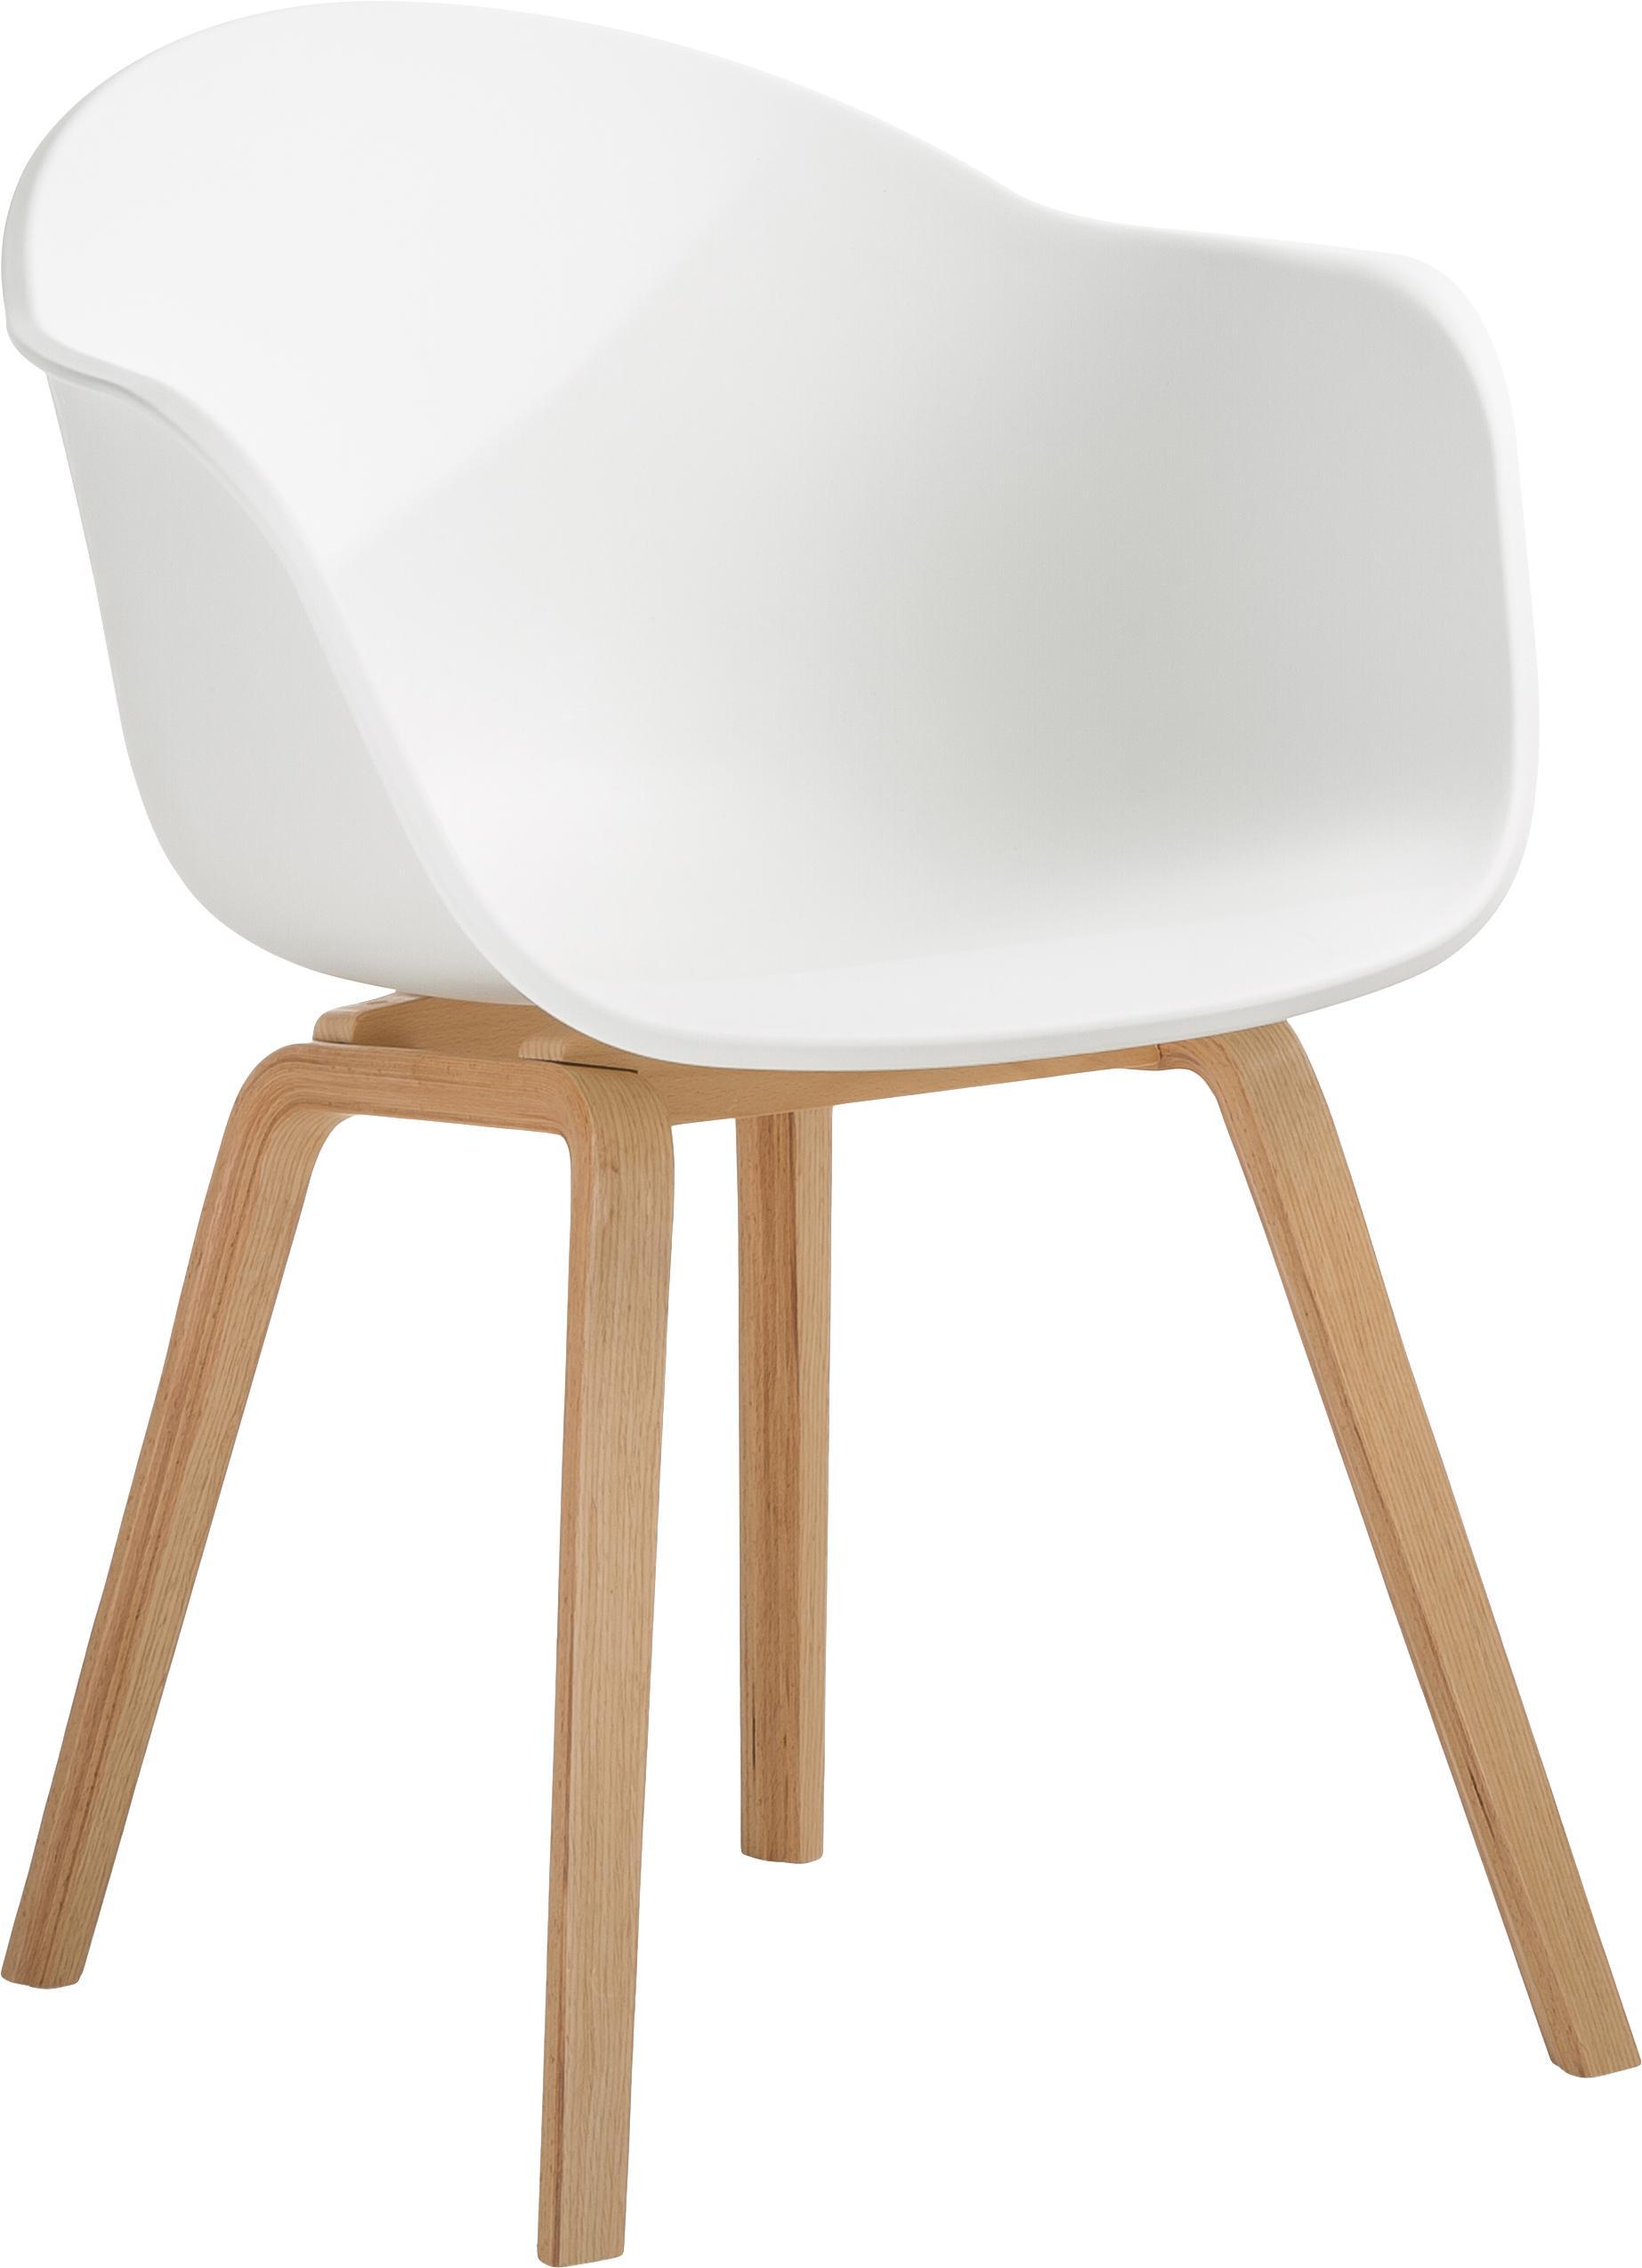 Kunststoff-Armlehnstuhl Claire mit Holzbeinen, Sitzschale: Kunststoff, Beine: Buchenholz, Kunststoff Weiß, B 54 x T 60 cm